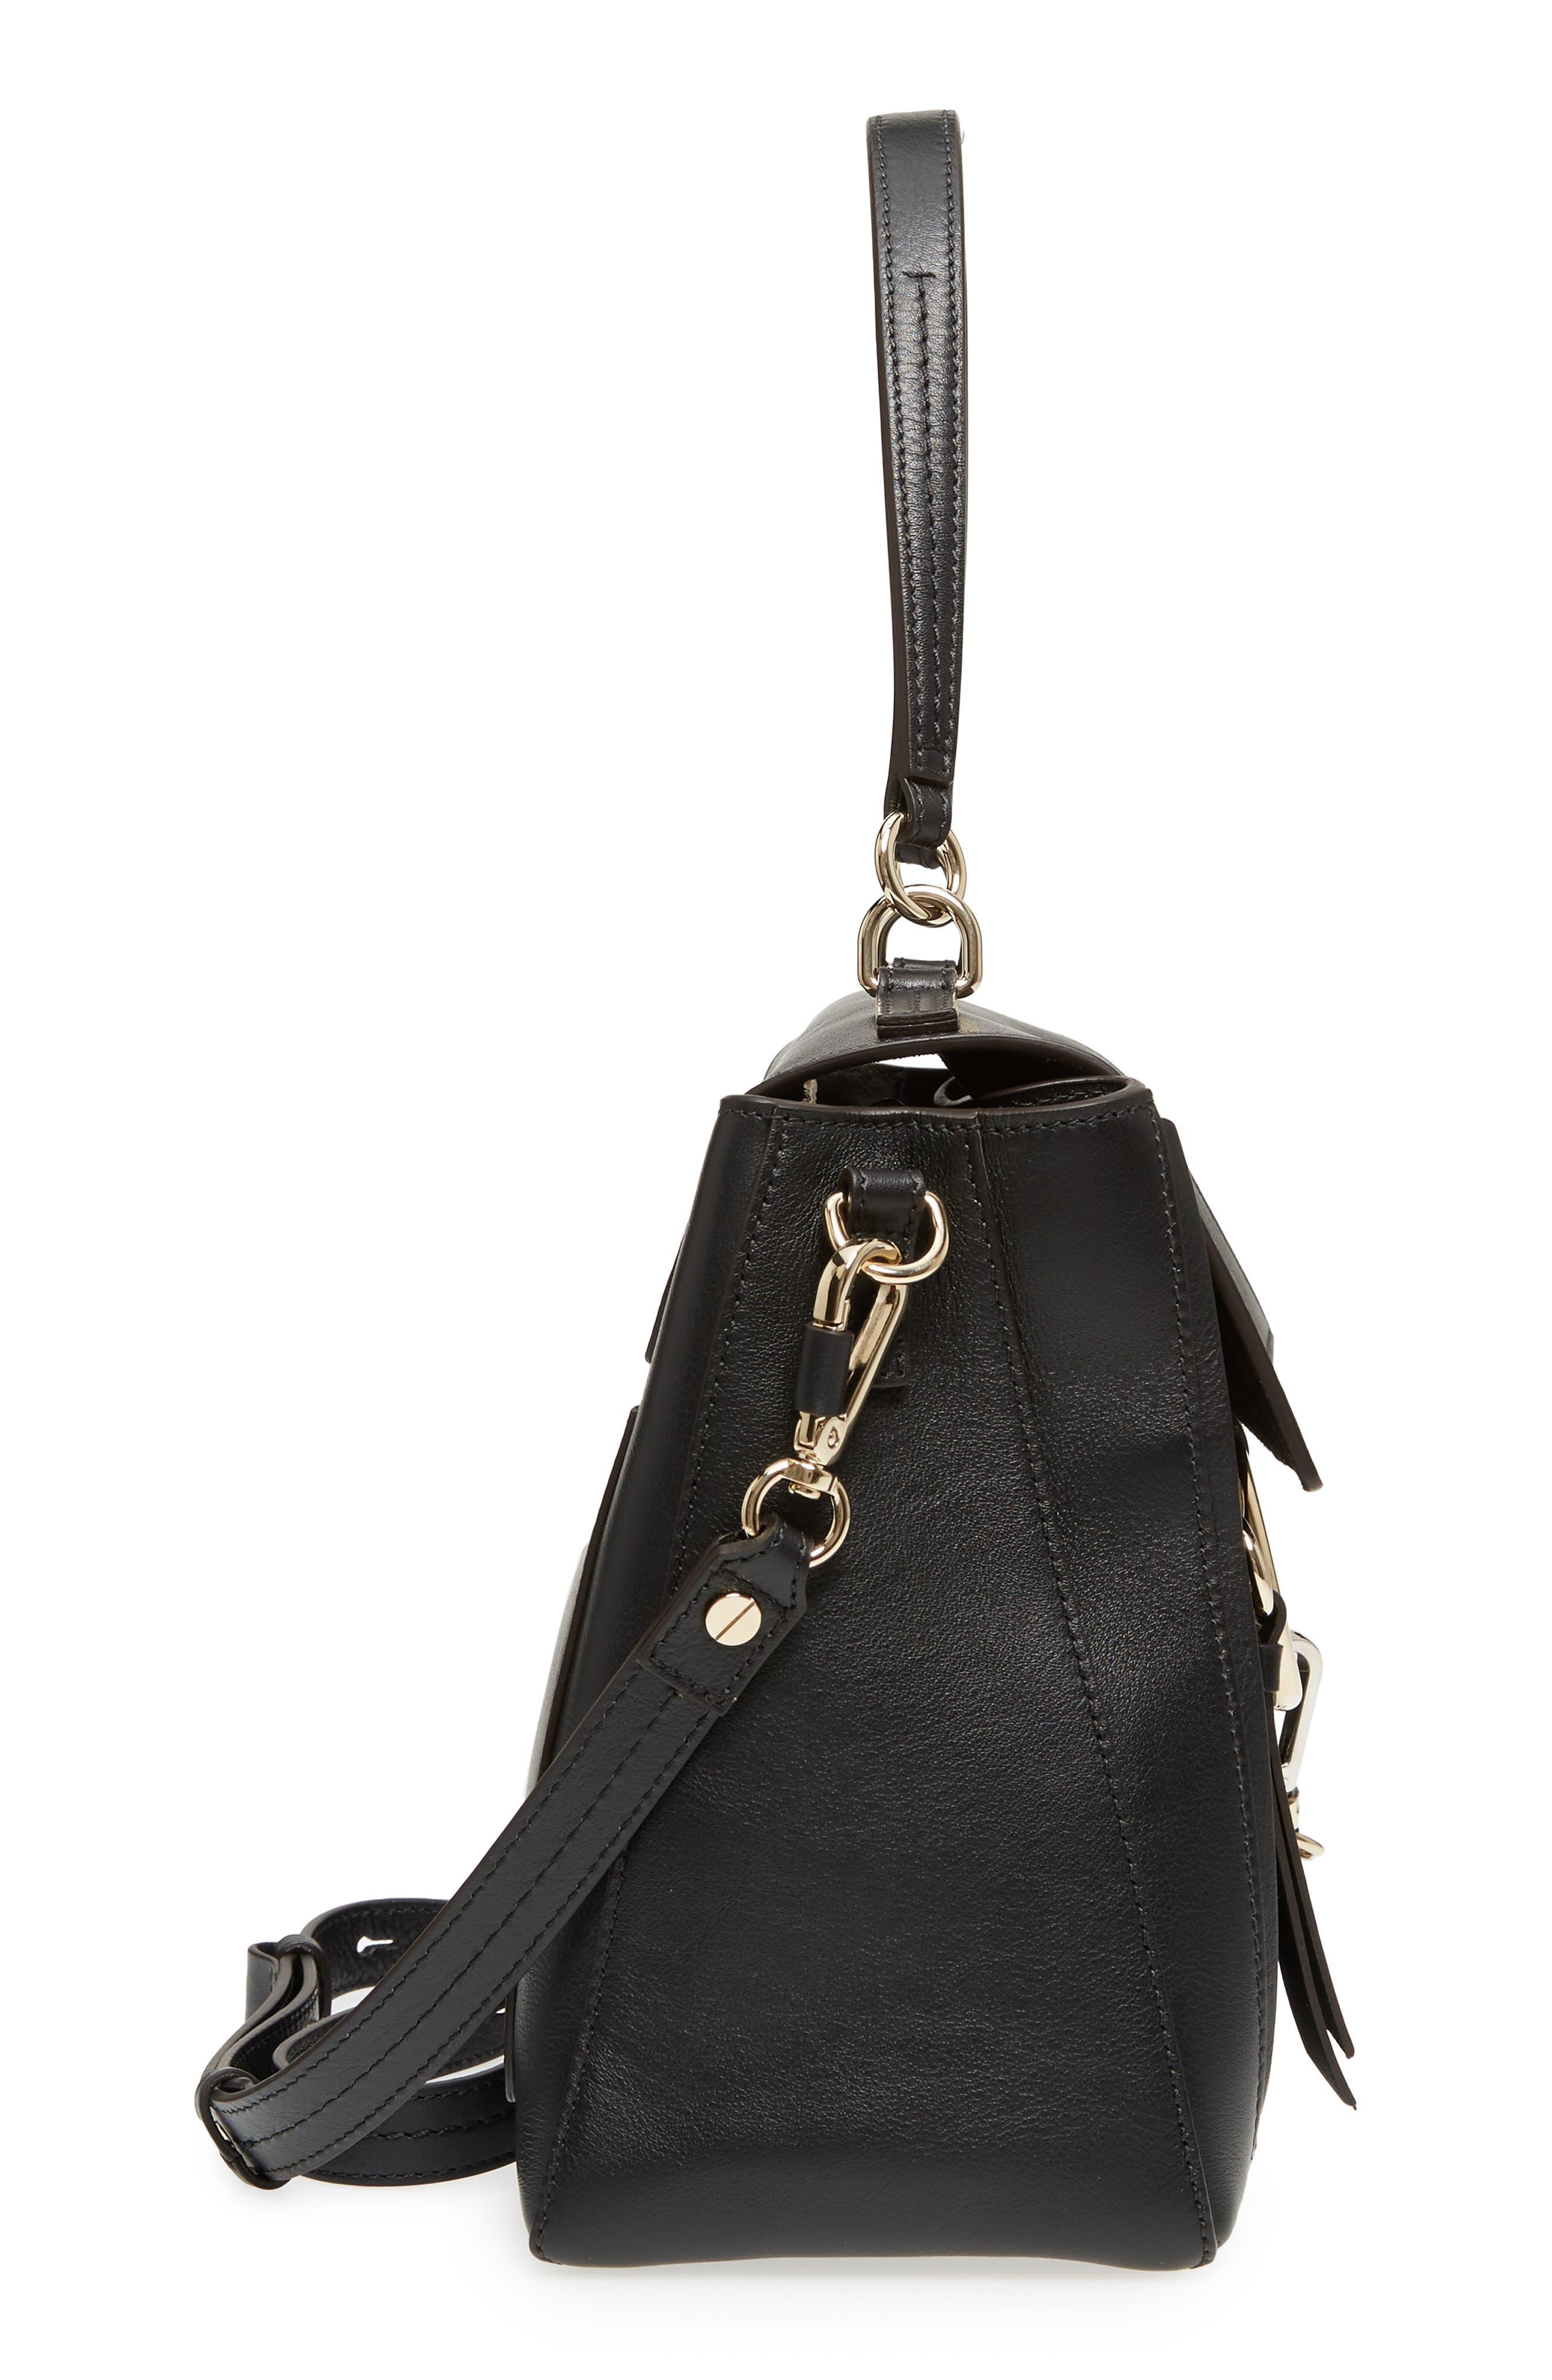 Medium Faye Leather Shoulder Bag,                             Alternate thumbnail 7, color,                             BLACK